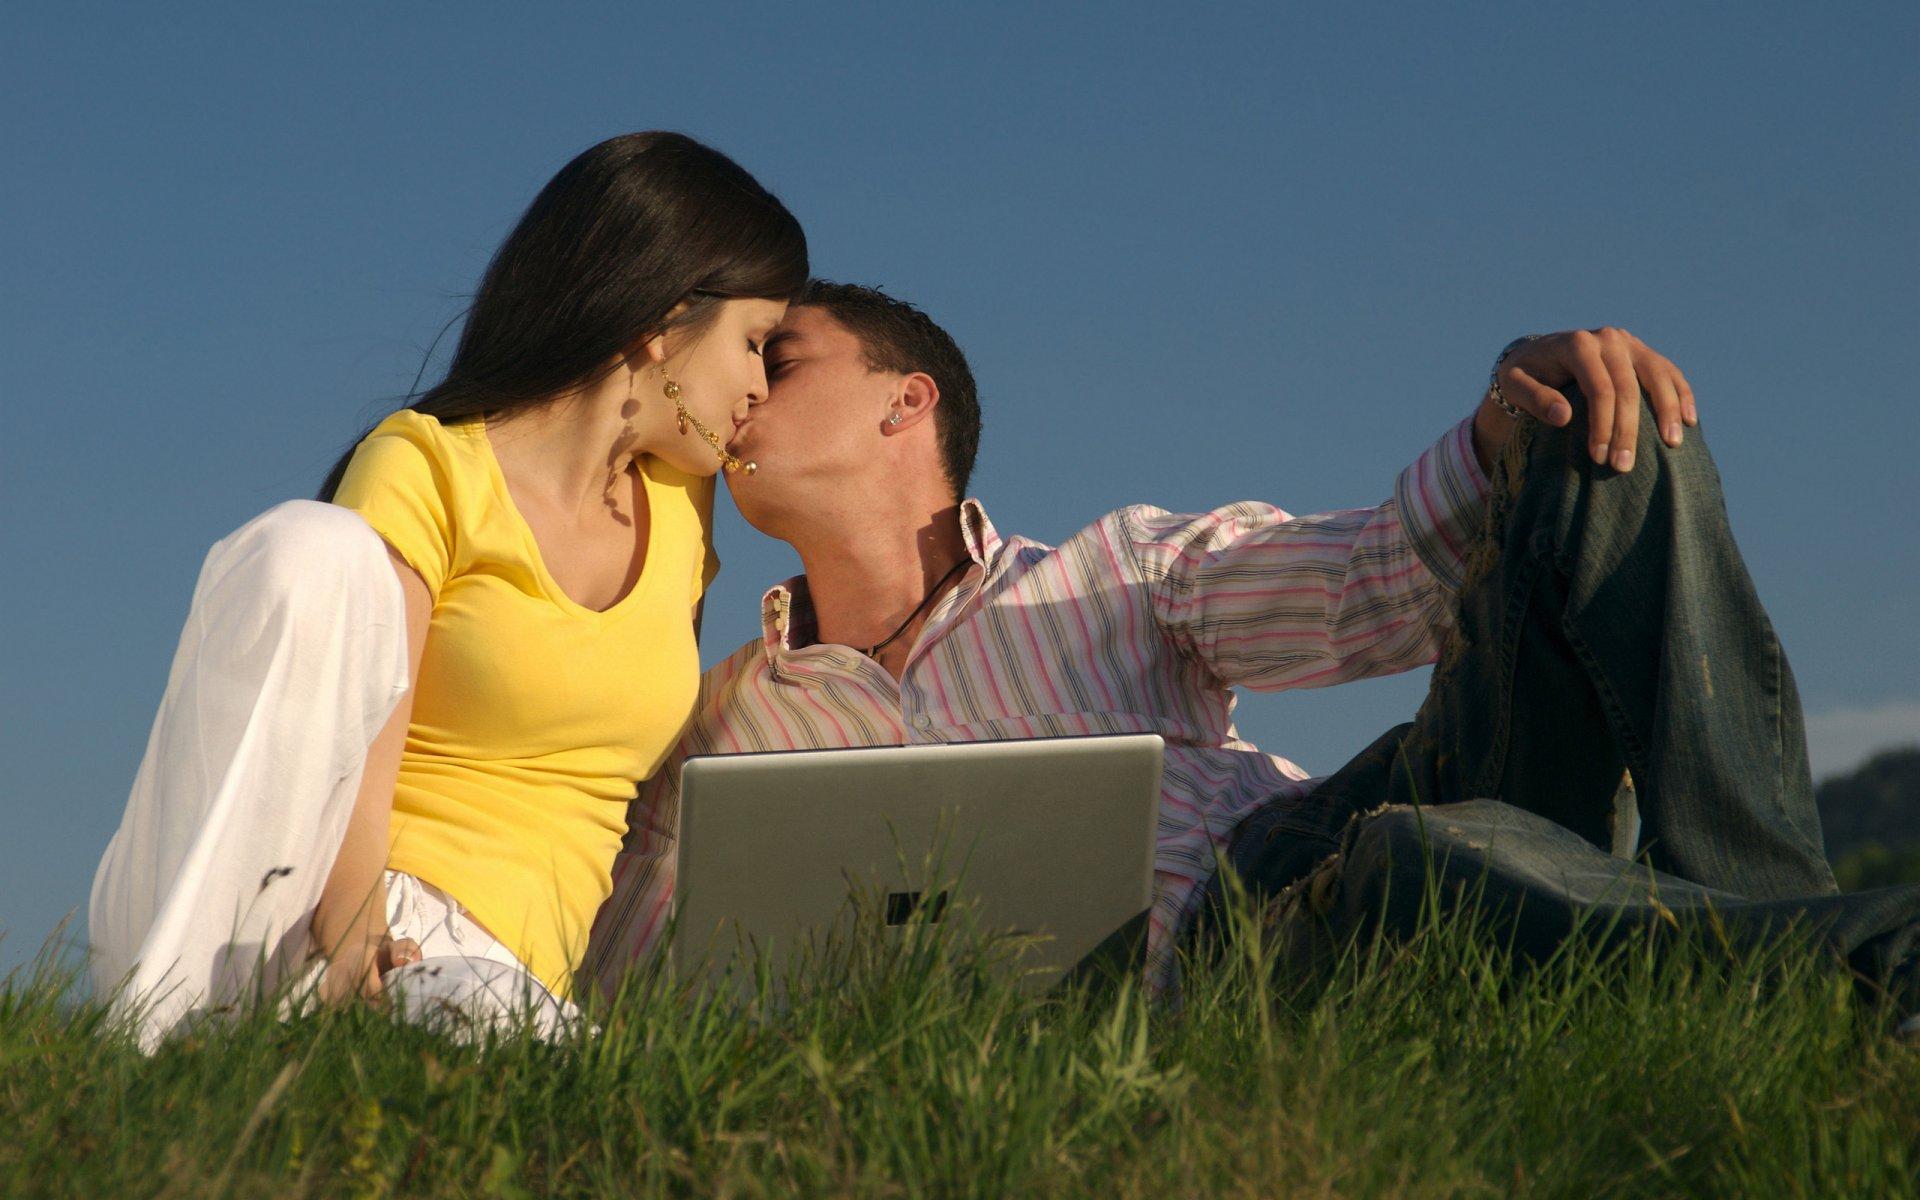 две половинке сайт знакомств